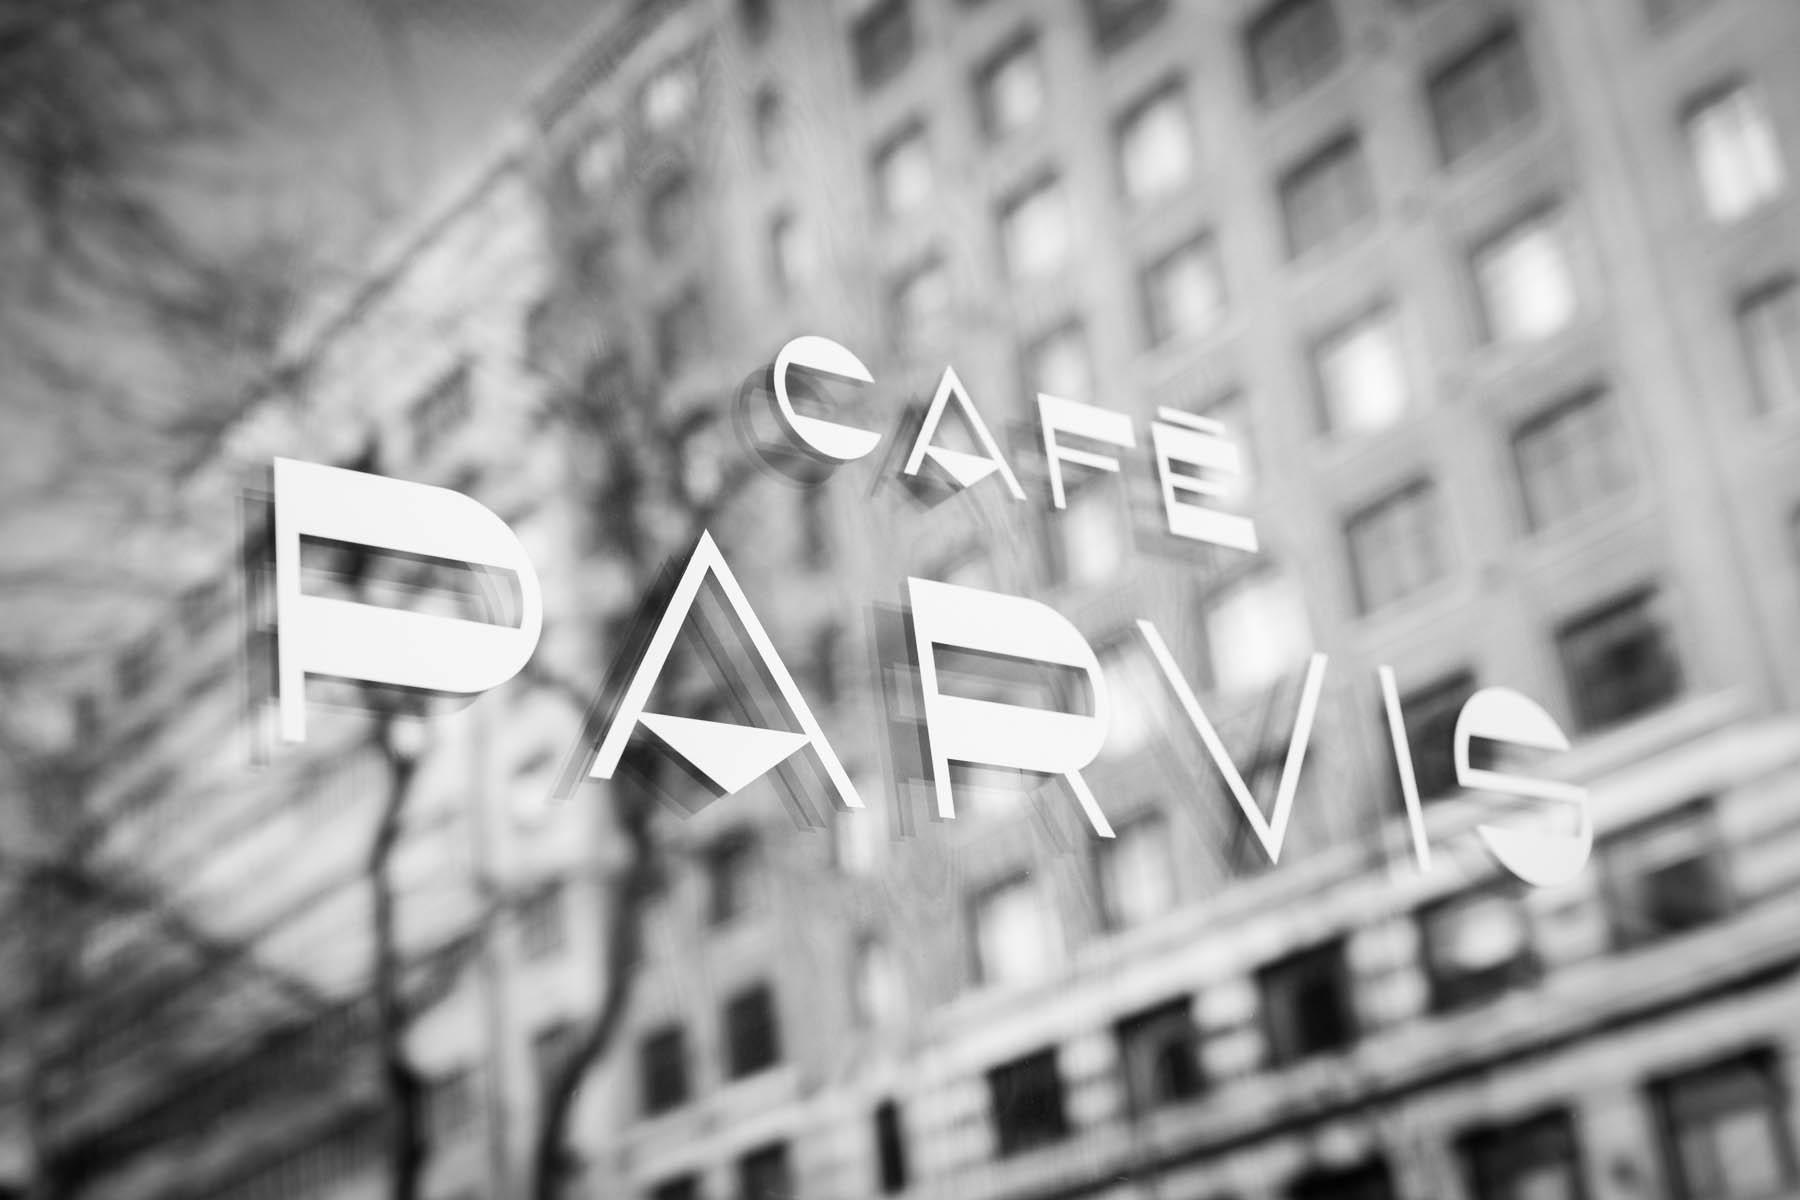 Cafe_Parvis2_ArielTarr